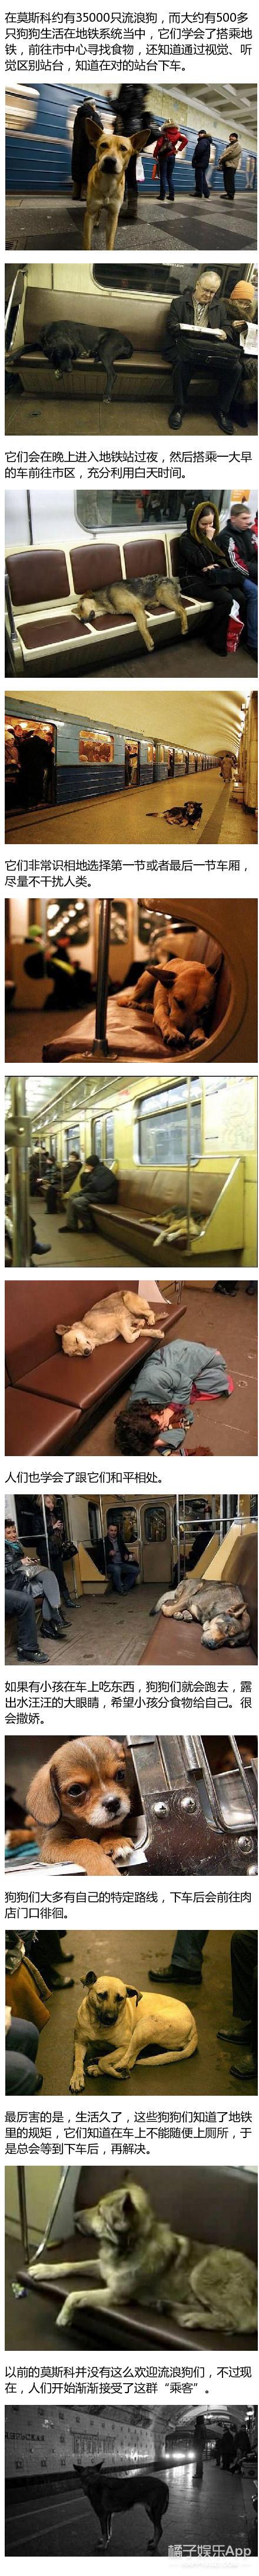 莫斯科竟然有500只流浪狗生活在地铁系统